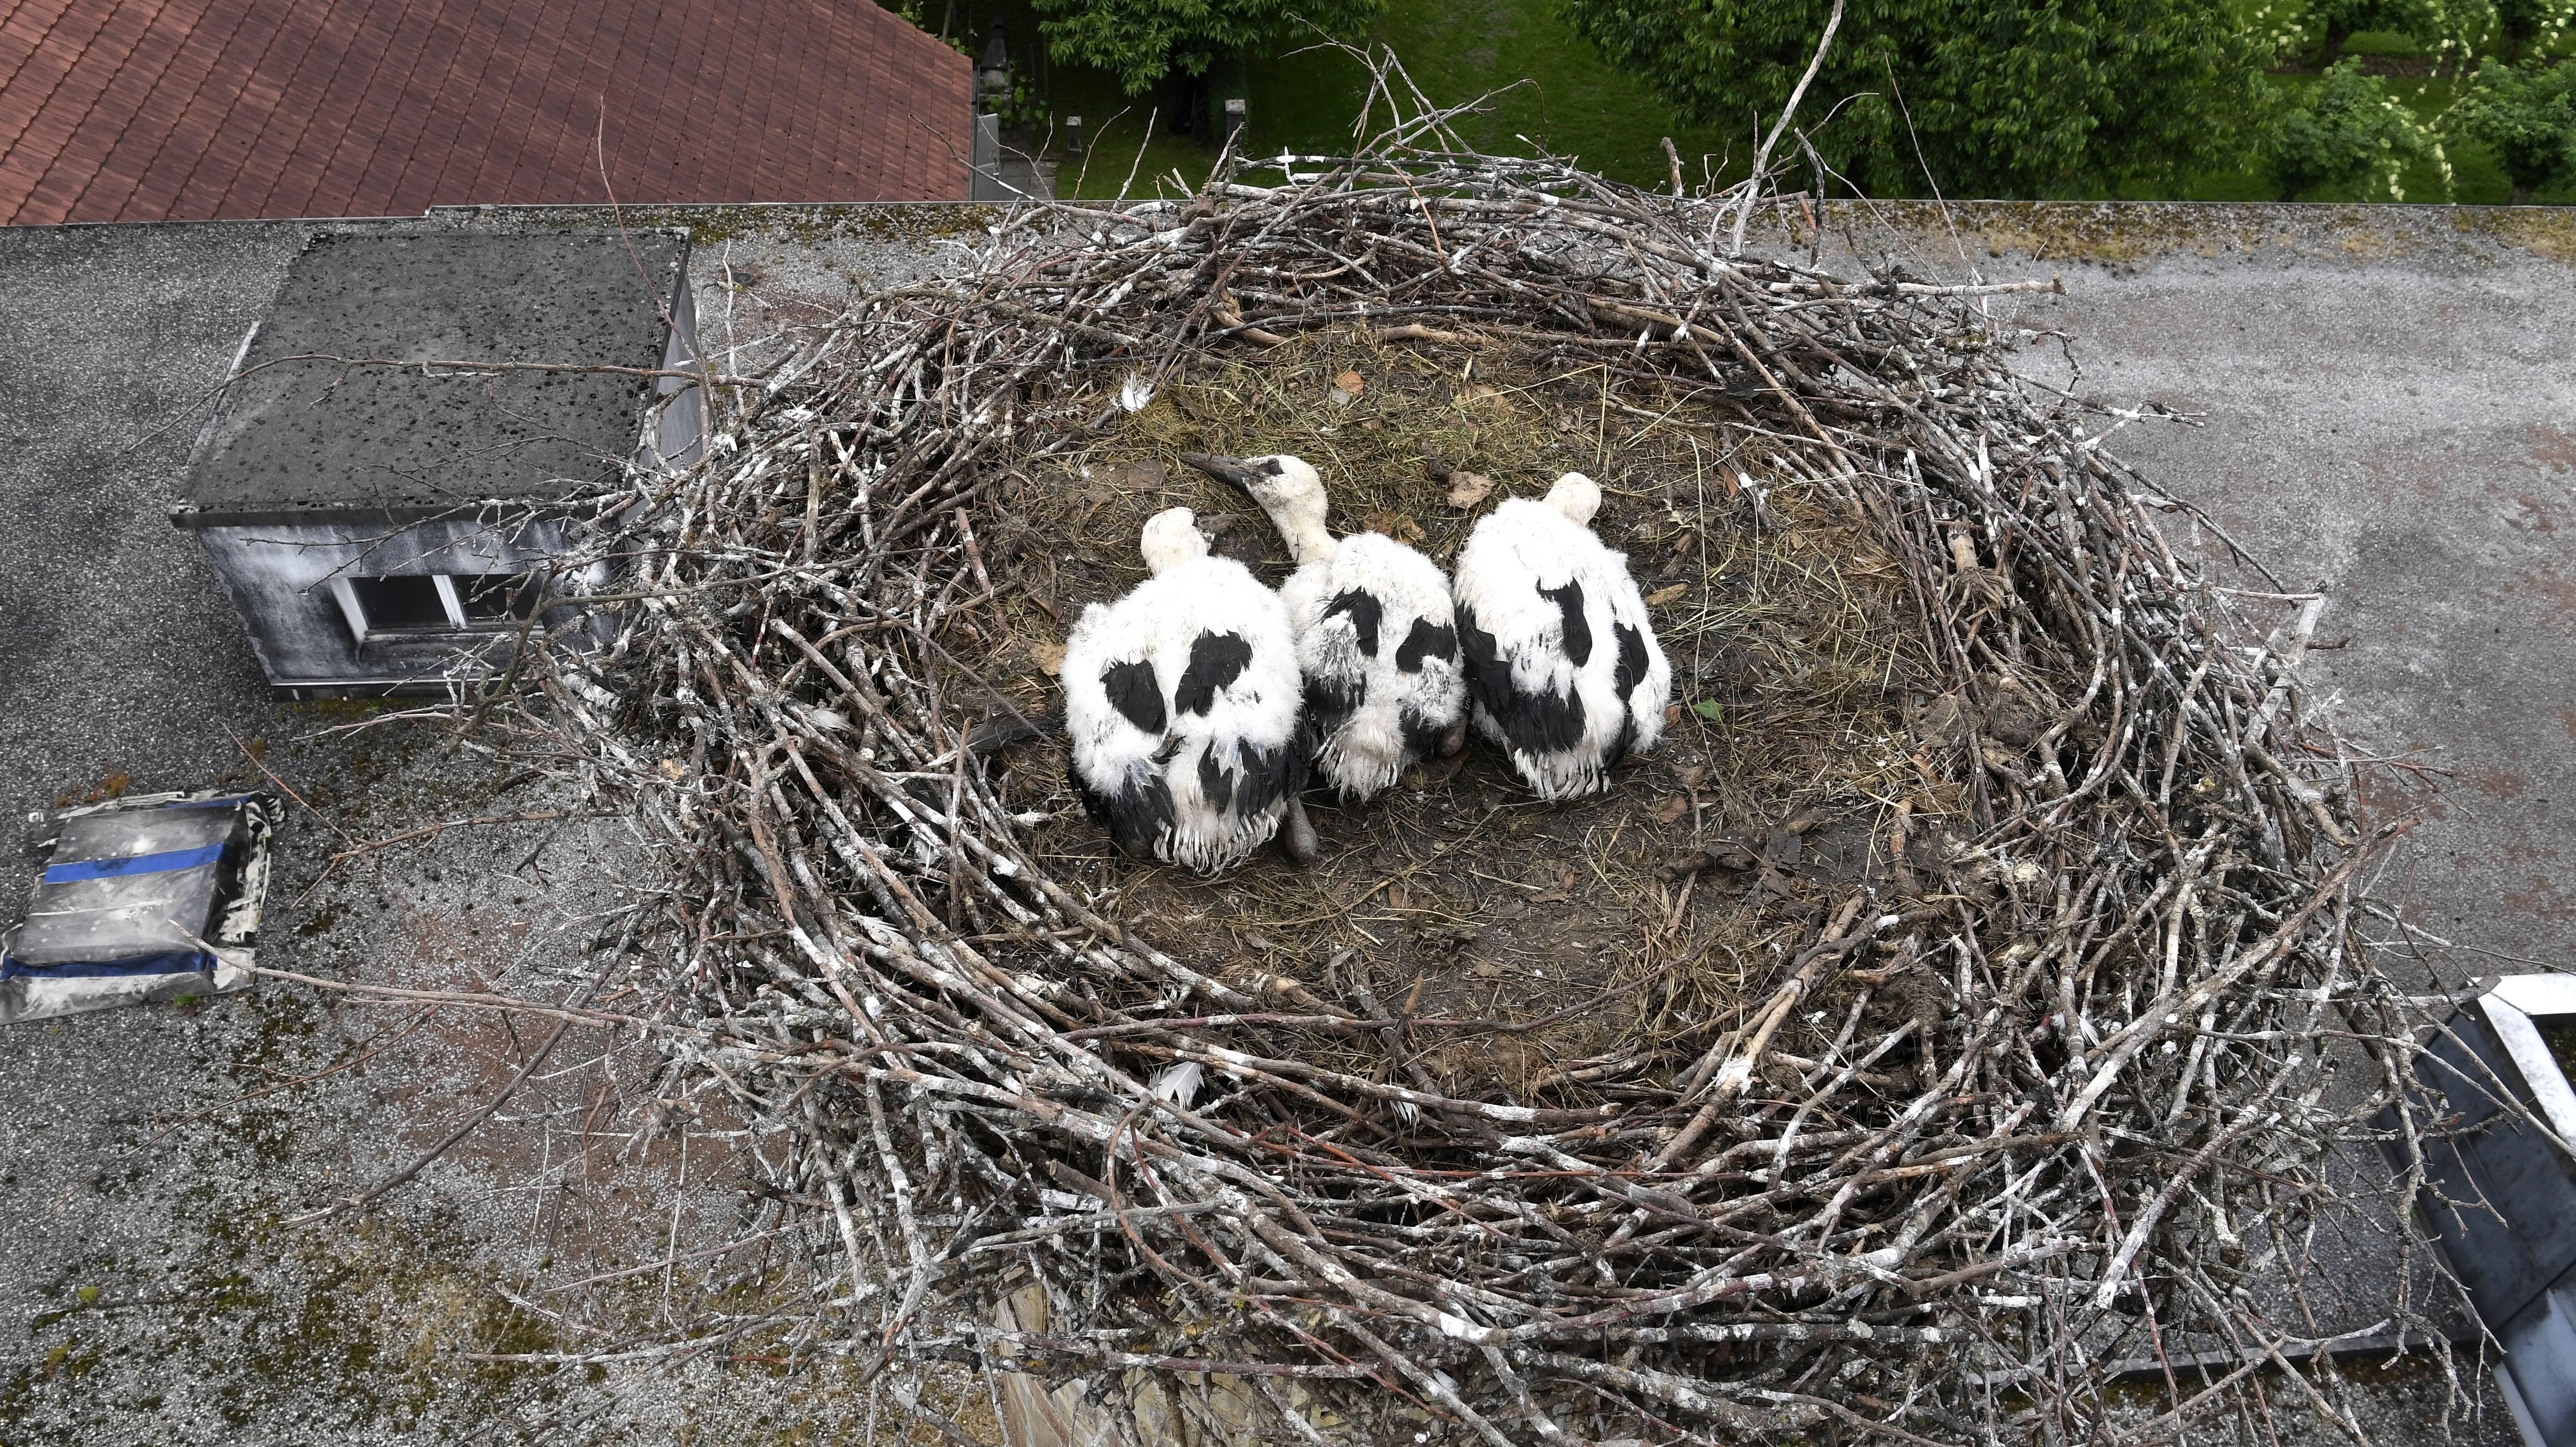 Diese schönen Tiere wohnen auf dem Kamin der Spezialitätenbrennerei Humbel in Stetten.